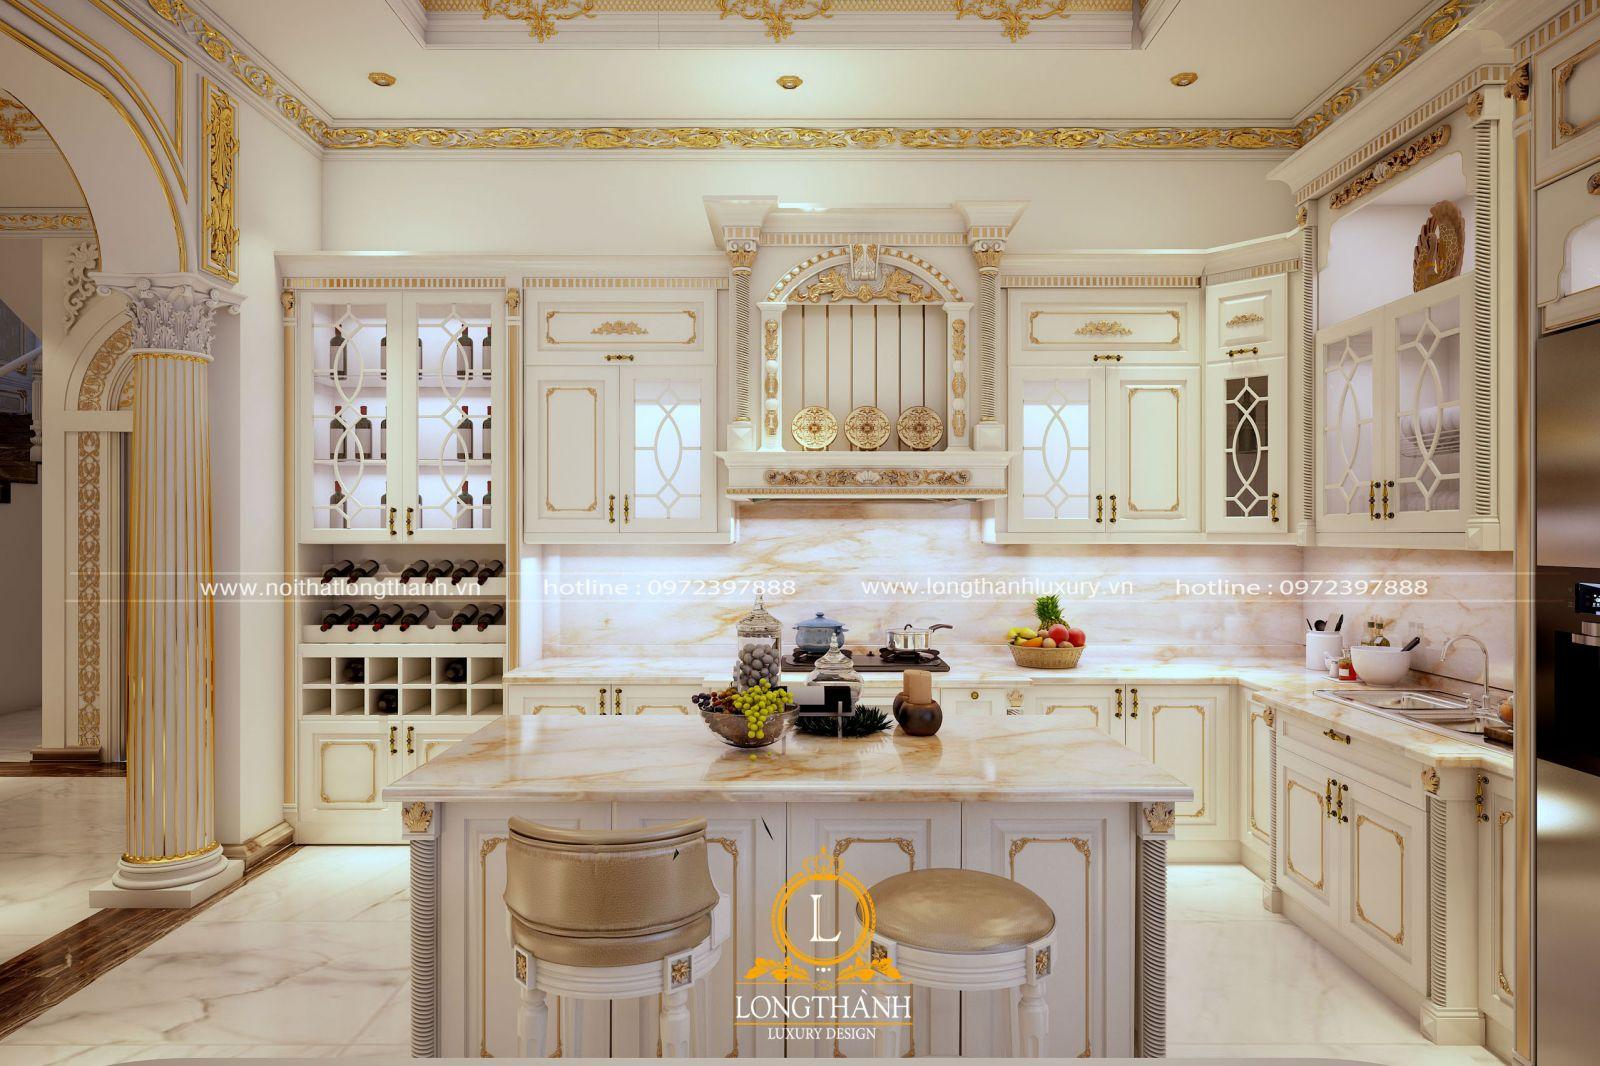 Bộ tủ bếp được thiết kế với gam màu trắng dát vàng đẹp sang trọng và đẳng cấp